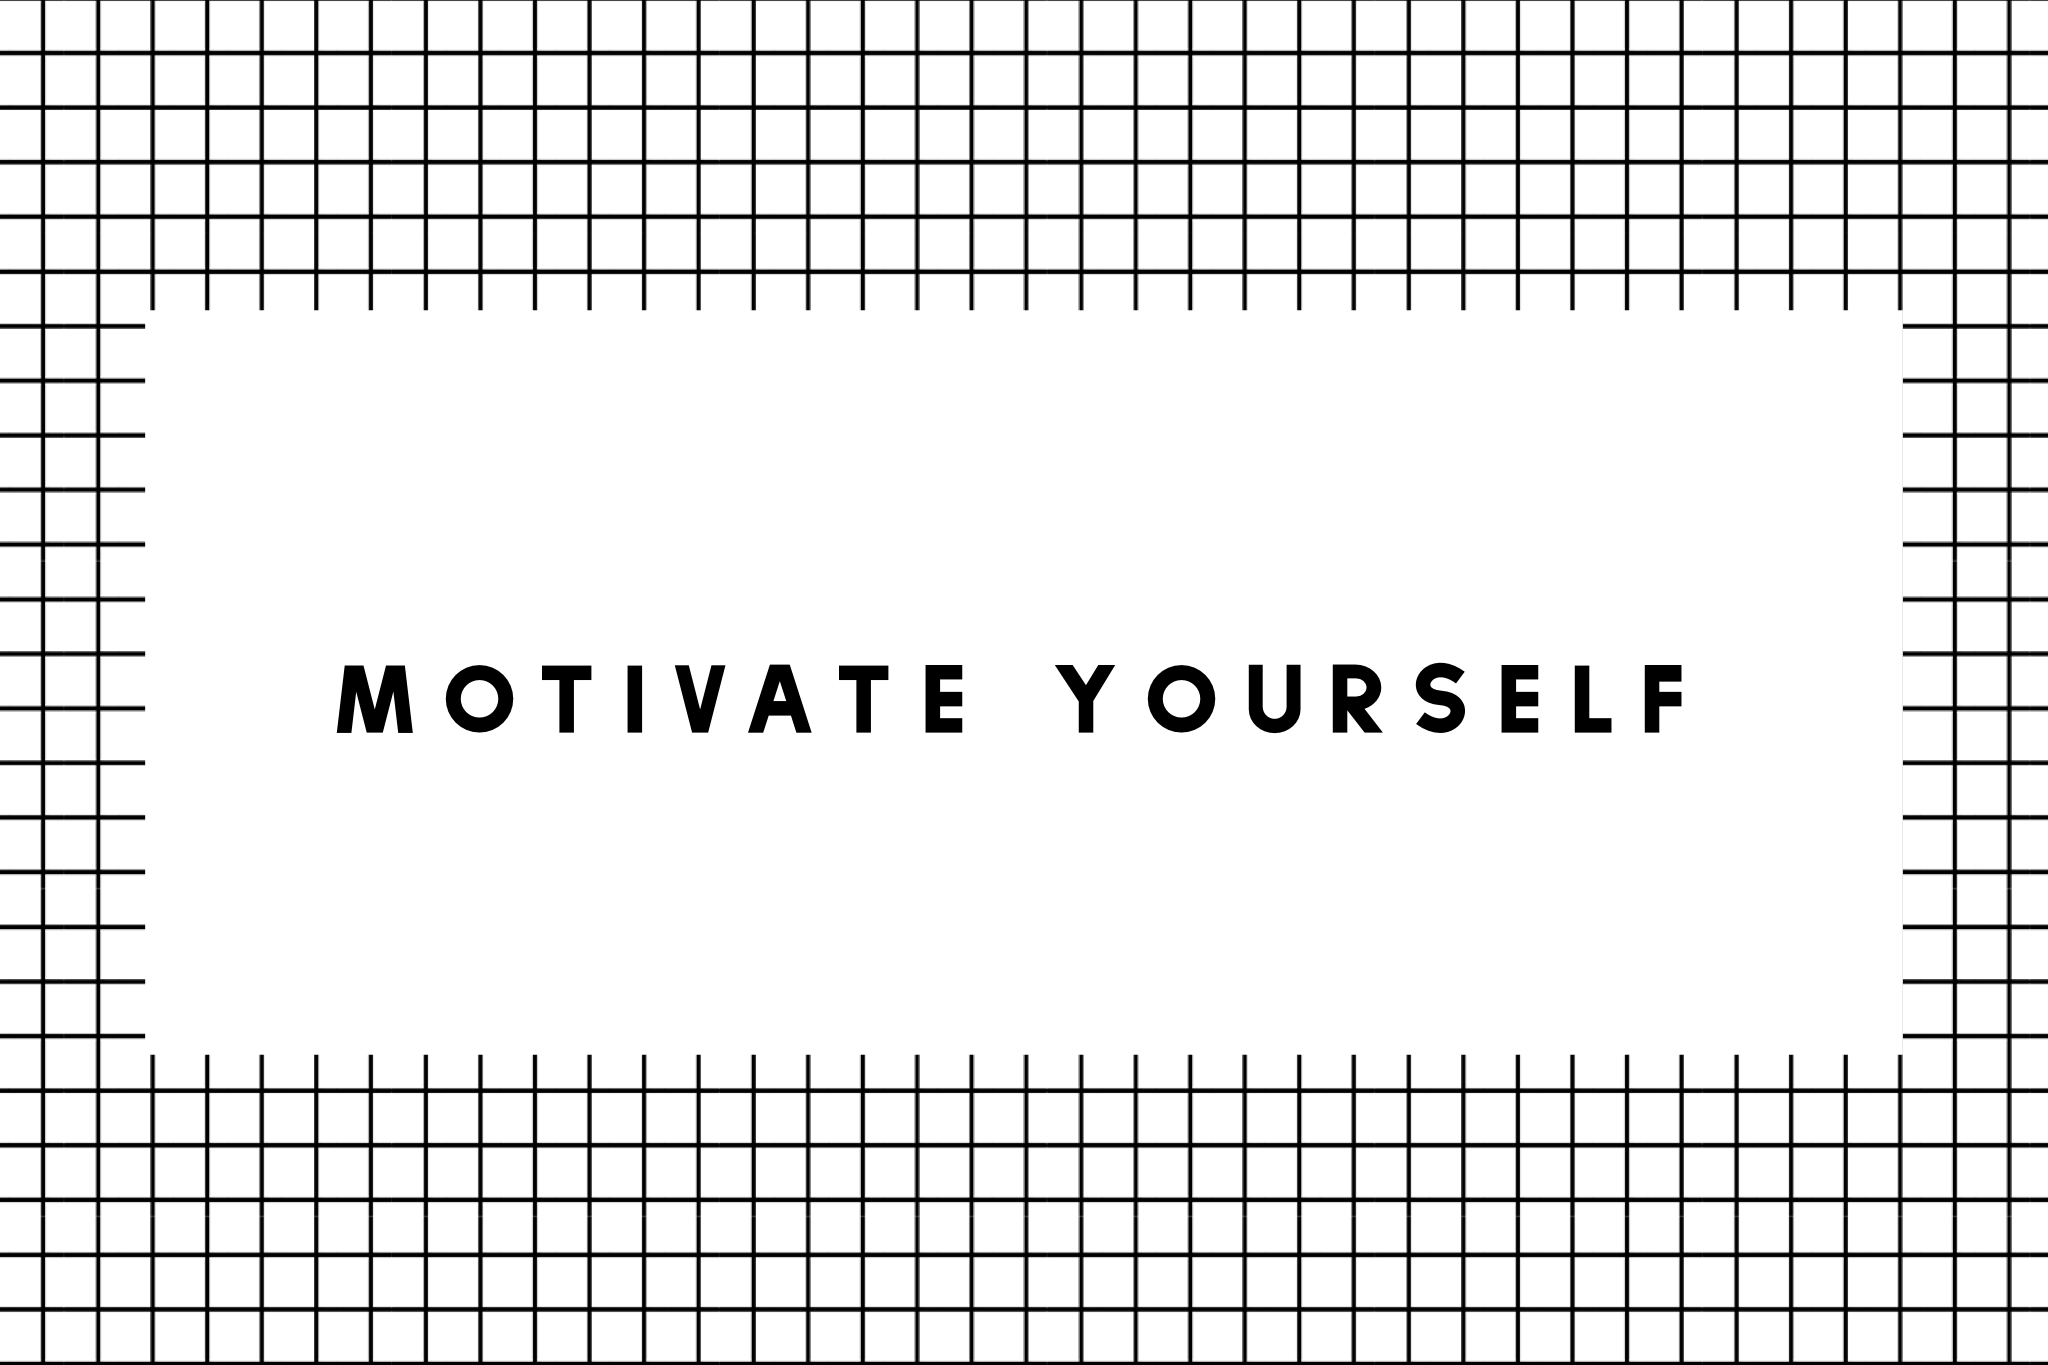 438145914751356481 - Motivationswand als neuer Trend der perfekten Arbeitsecke